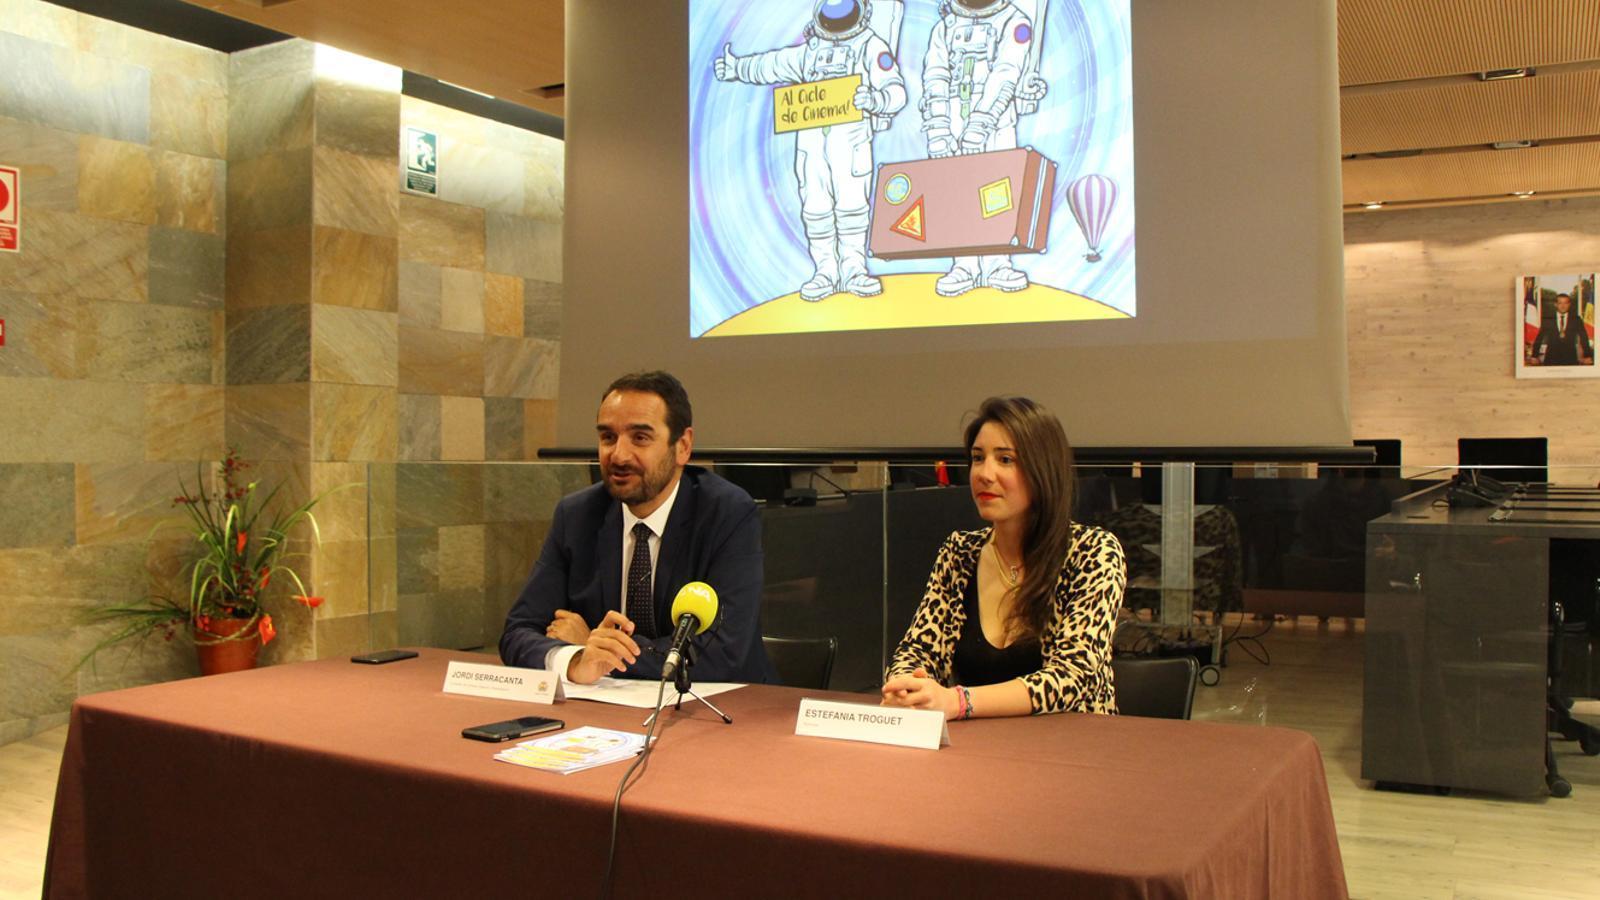 El conseller de Turisme, Esports i Dinamització del comú d'Ordino, Jordi Serracanta, i l'alpinista Estefania Troguet, durant la roda de premsa celebrada aquest dilluns. / M. P. (ANA)